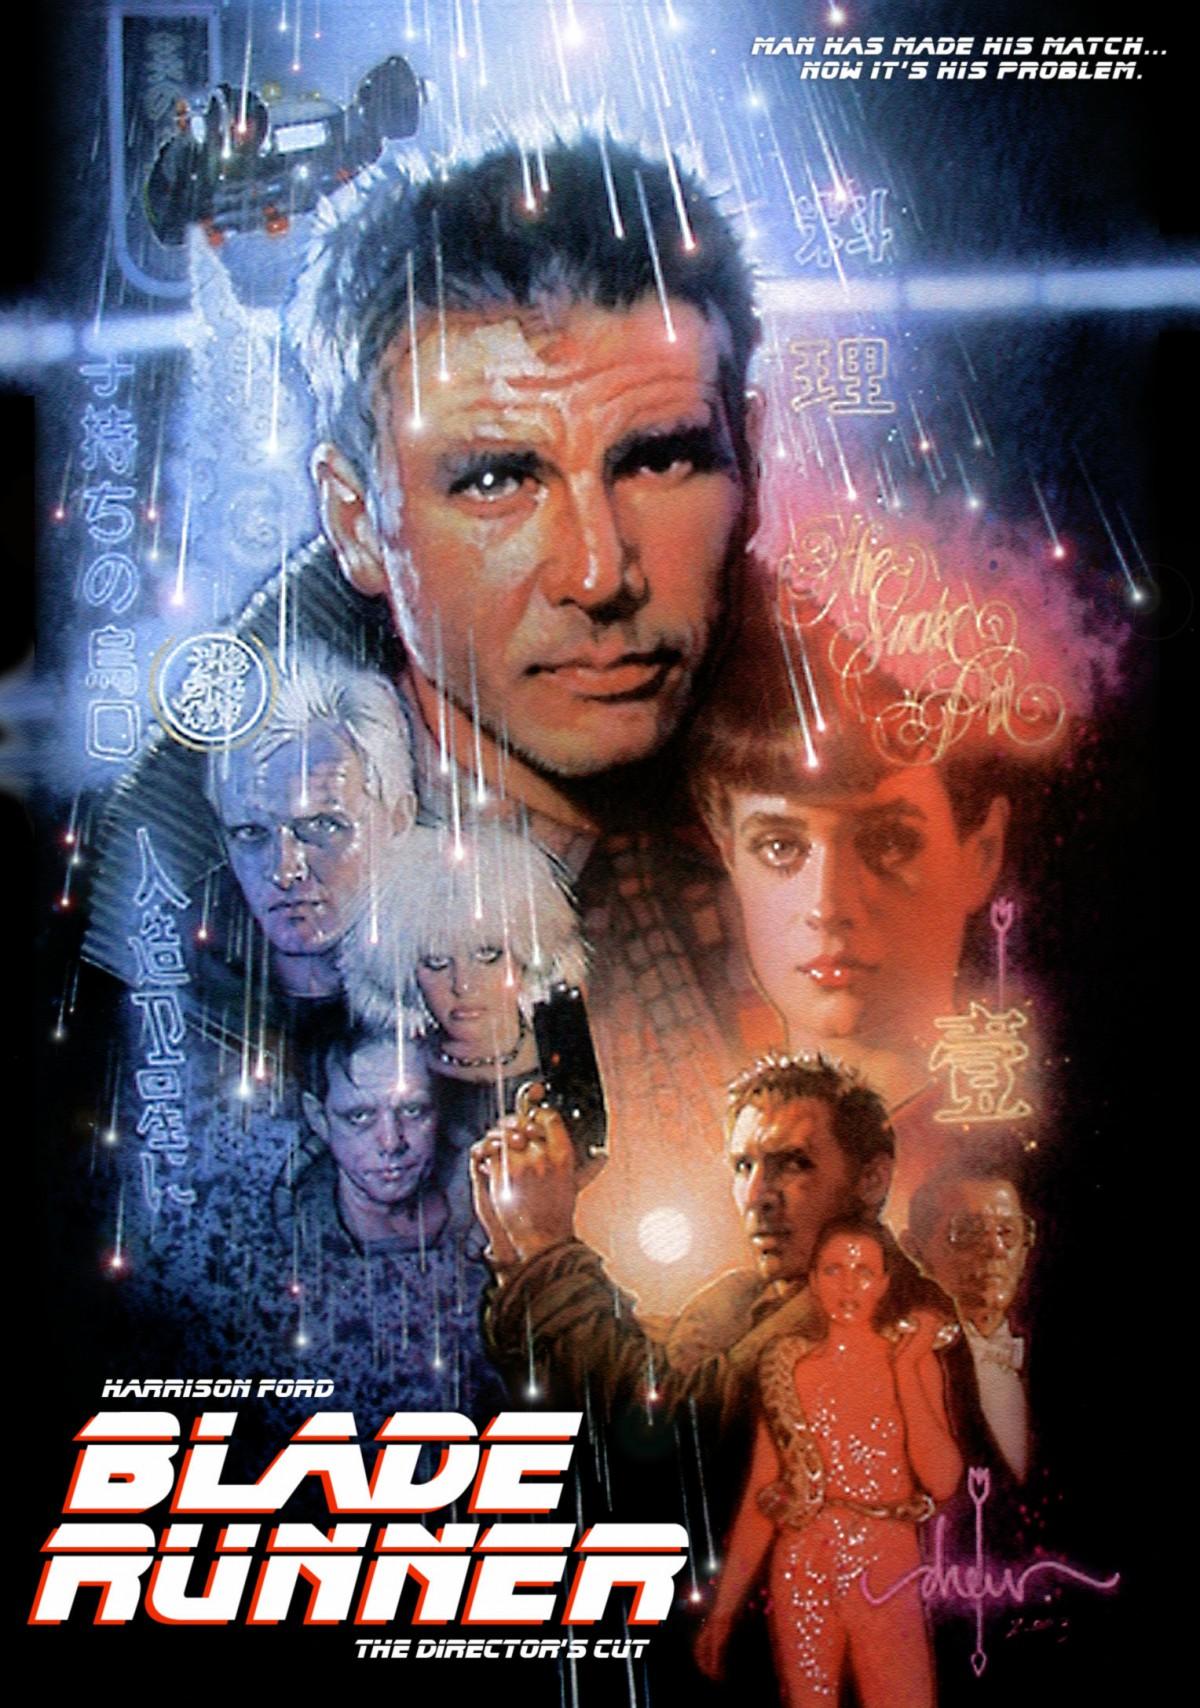 2. Blade Runner (1982)